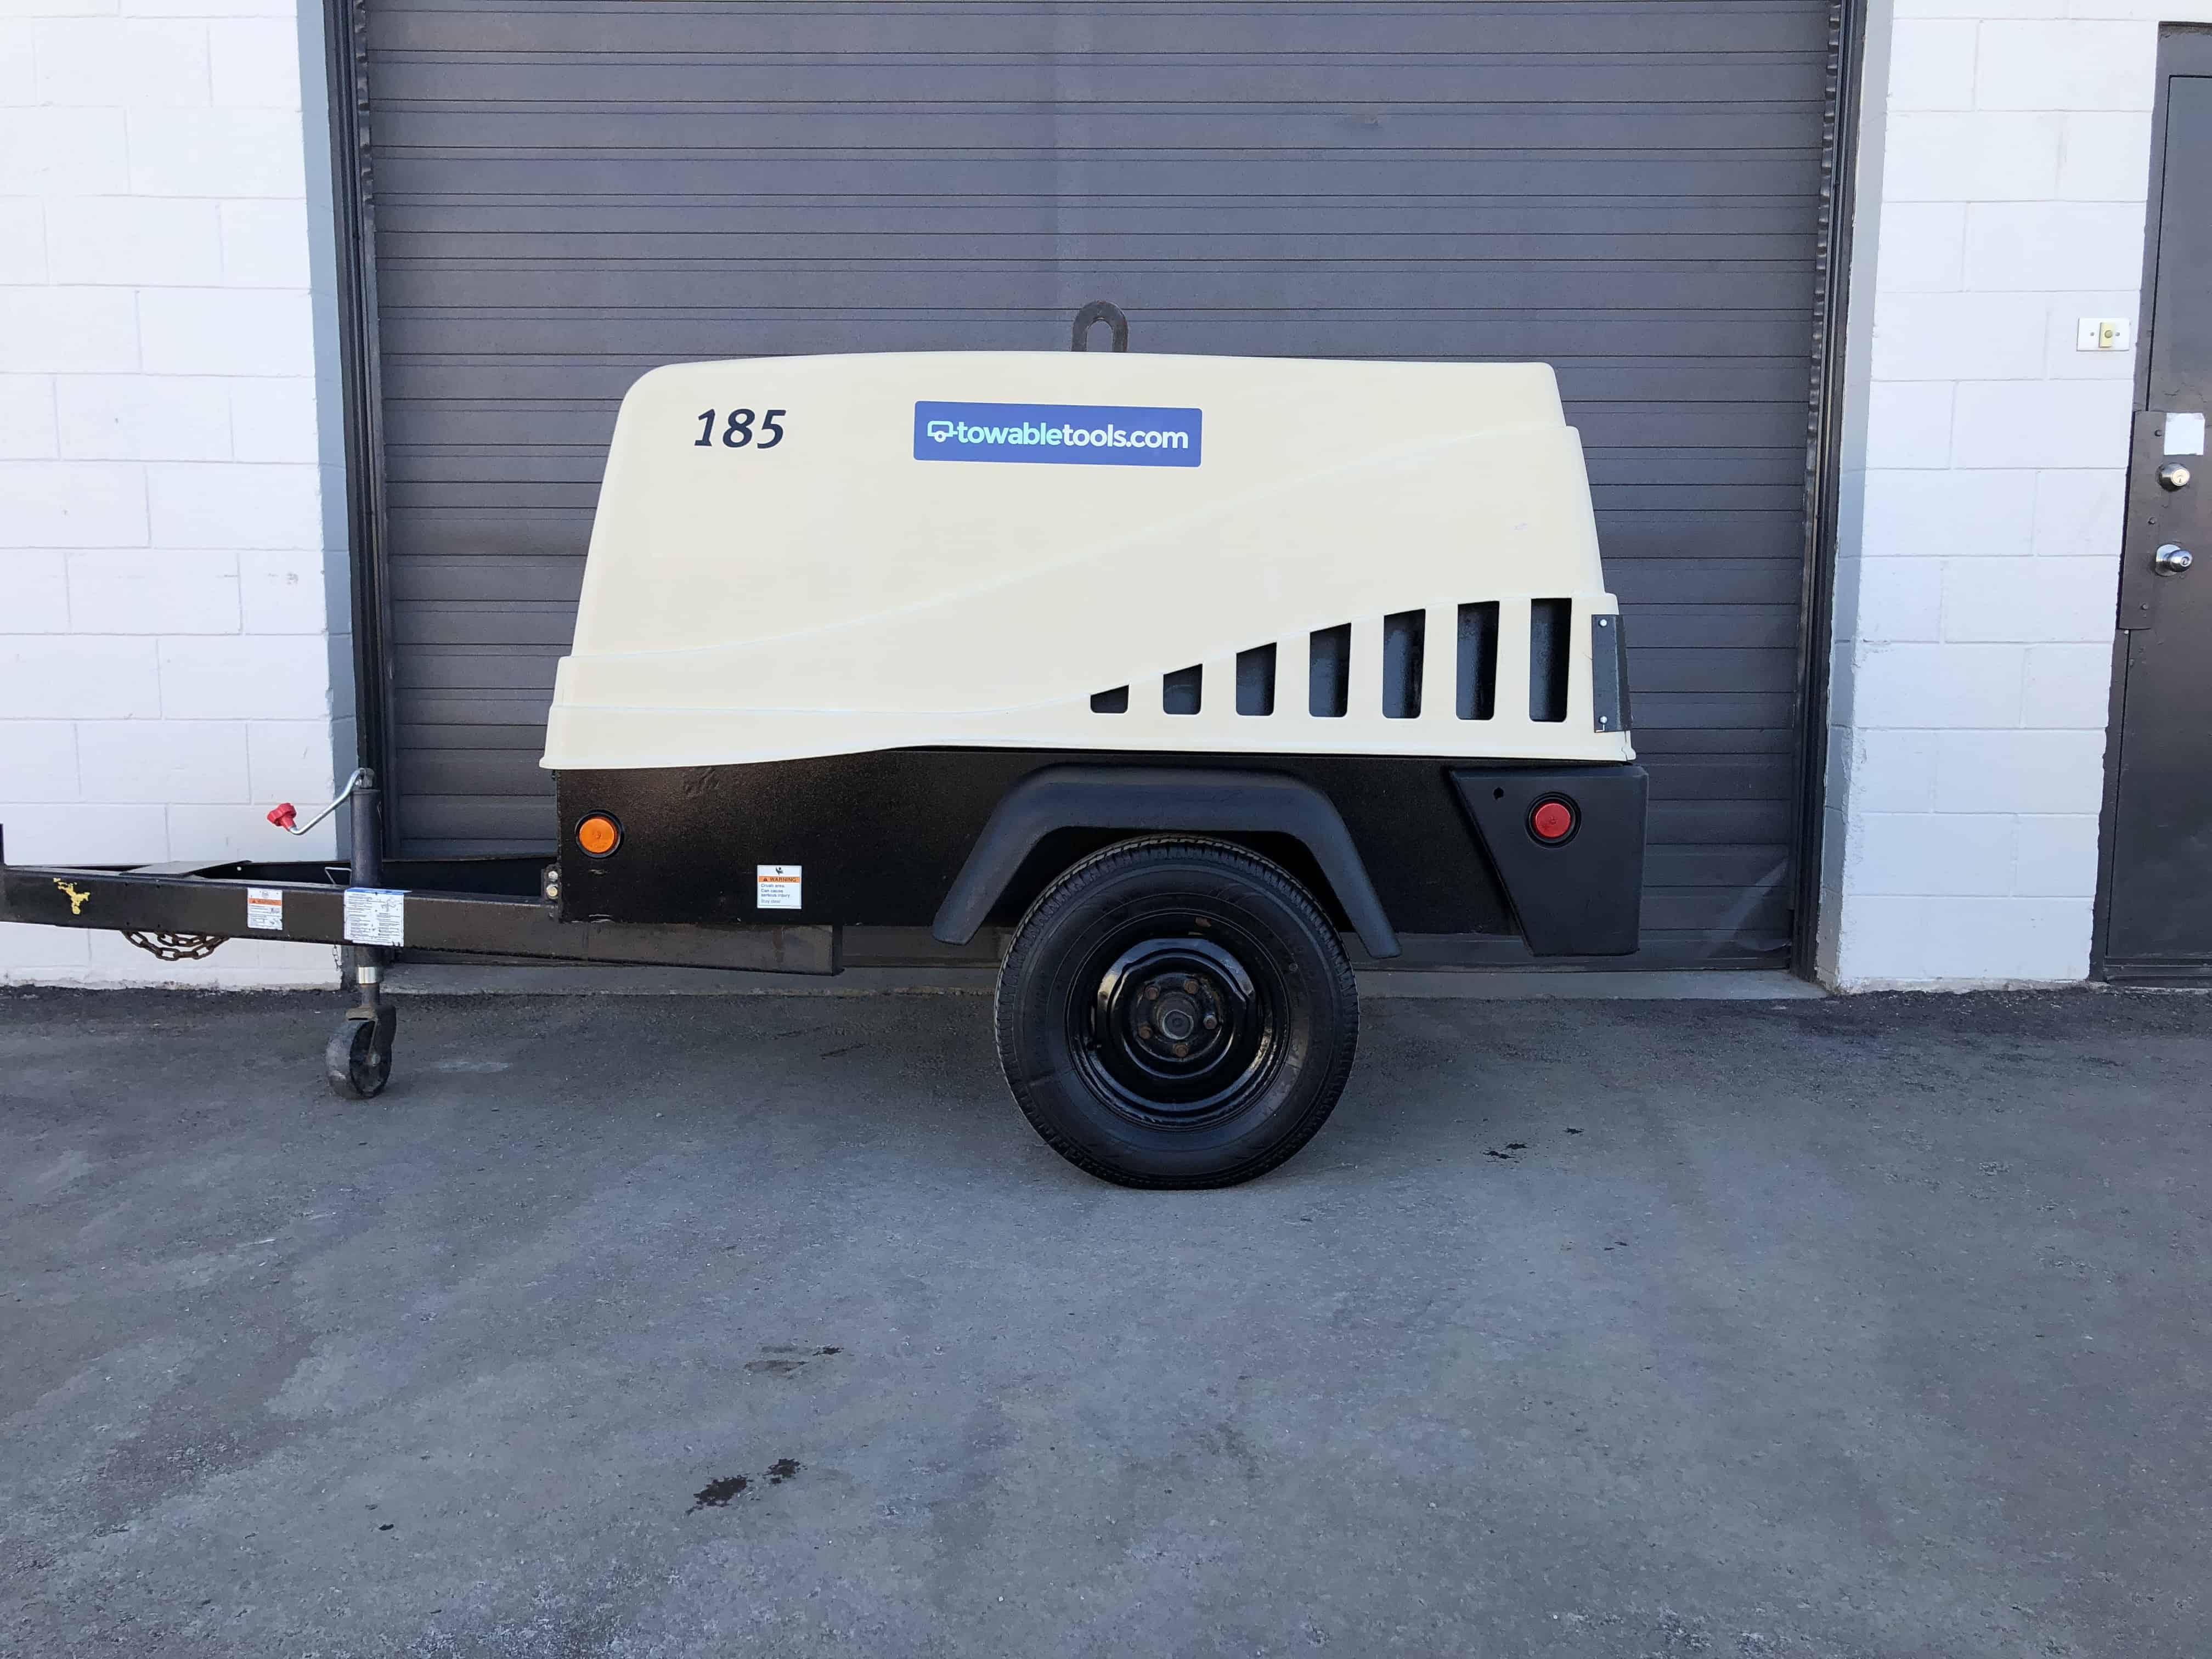 Doosan 185 CFM Air Compressor For Sale at Towable Tools Calgary Alberta, SK, MB, ON & BC